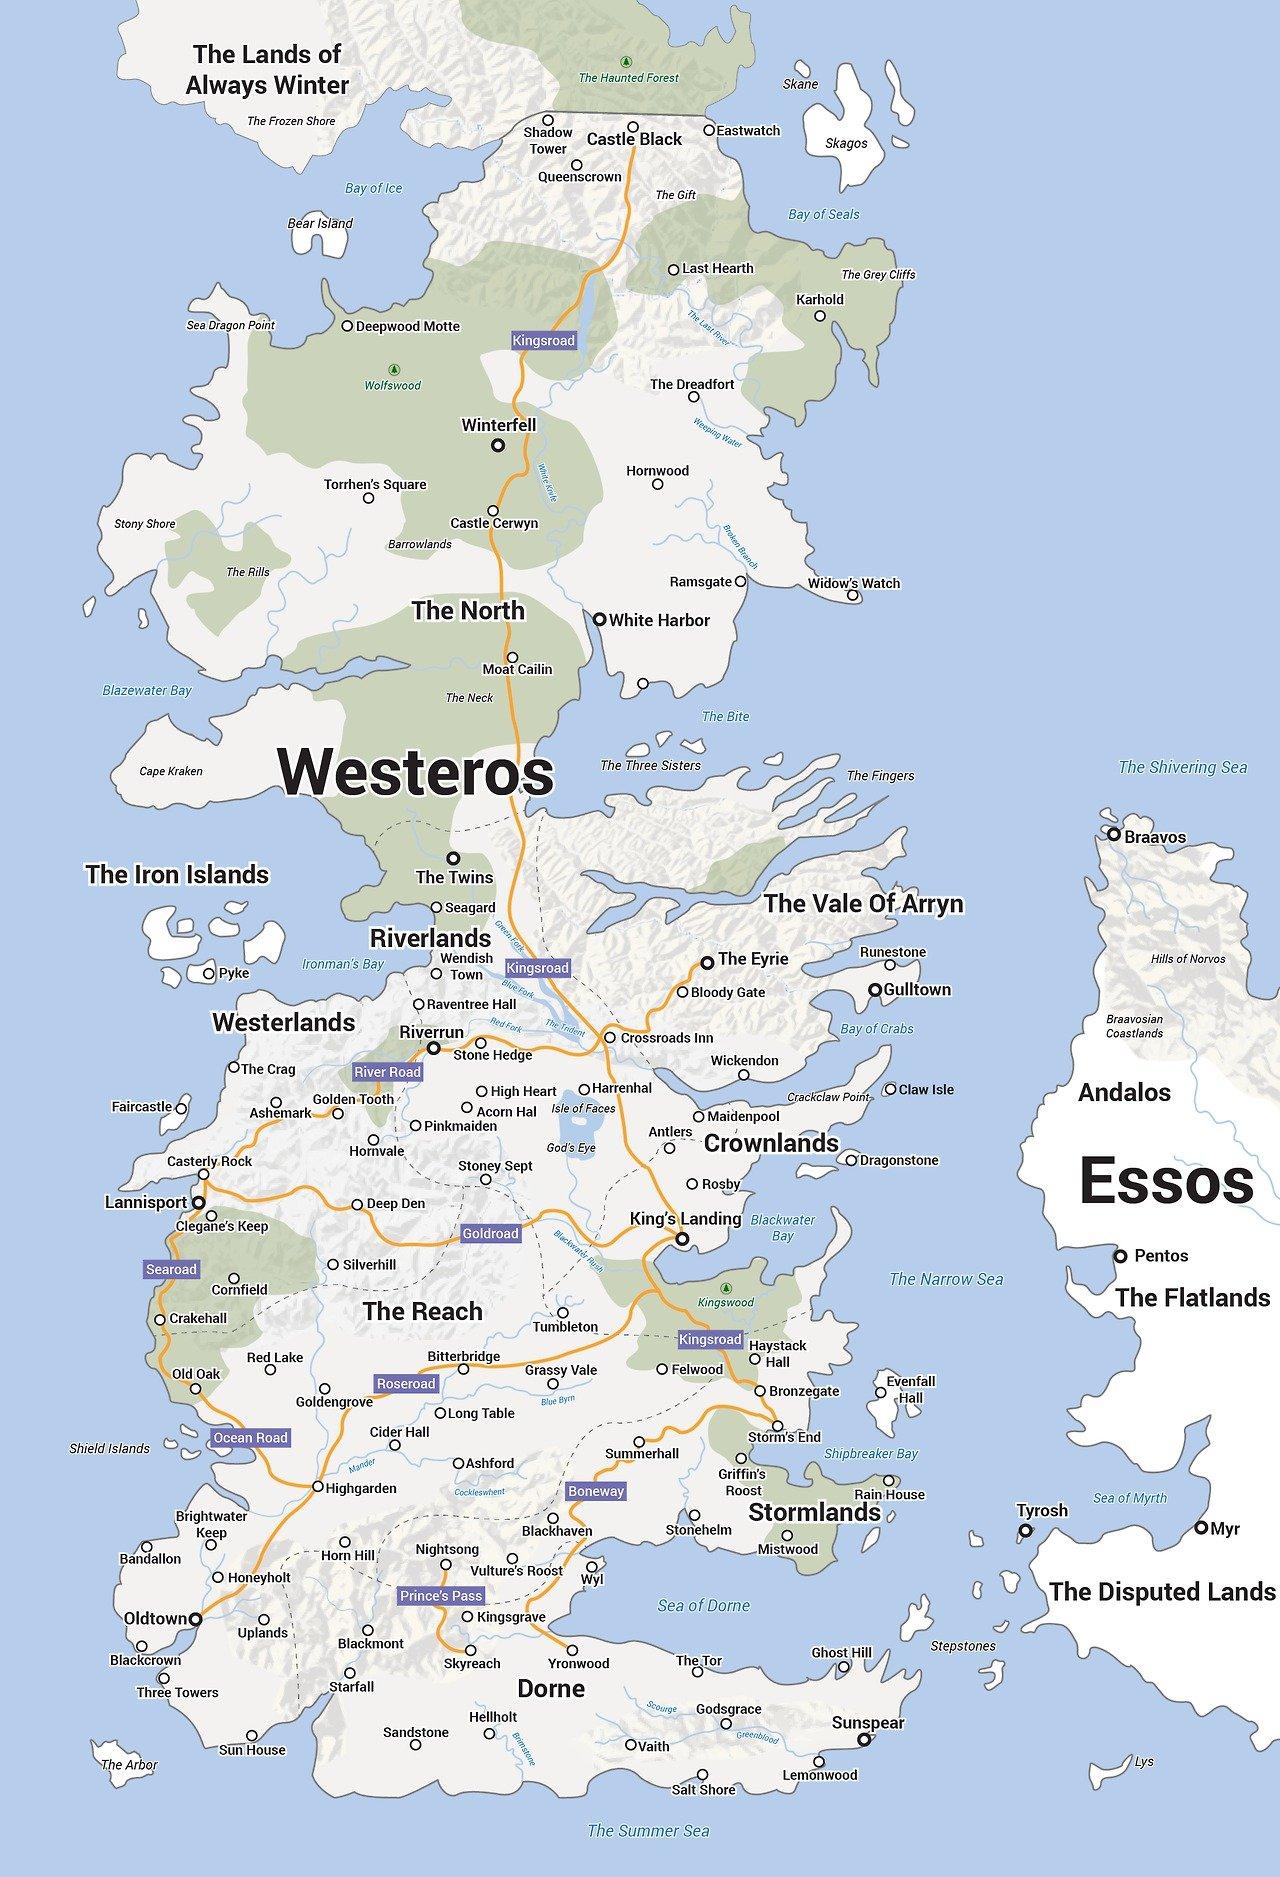 В стиле Google Maps. #gameofthrones - Изображение 1